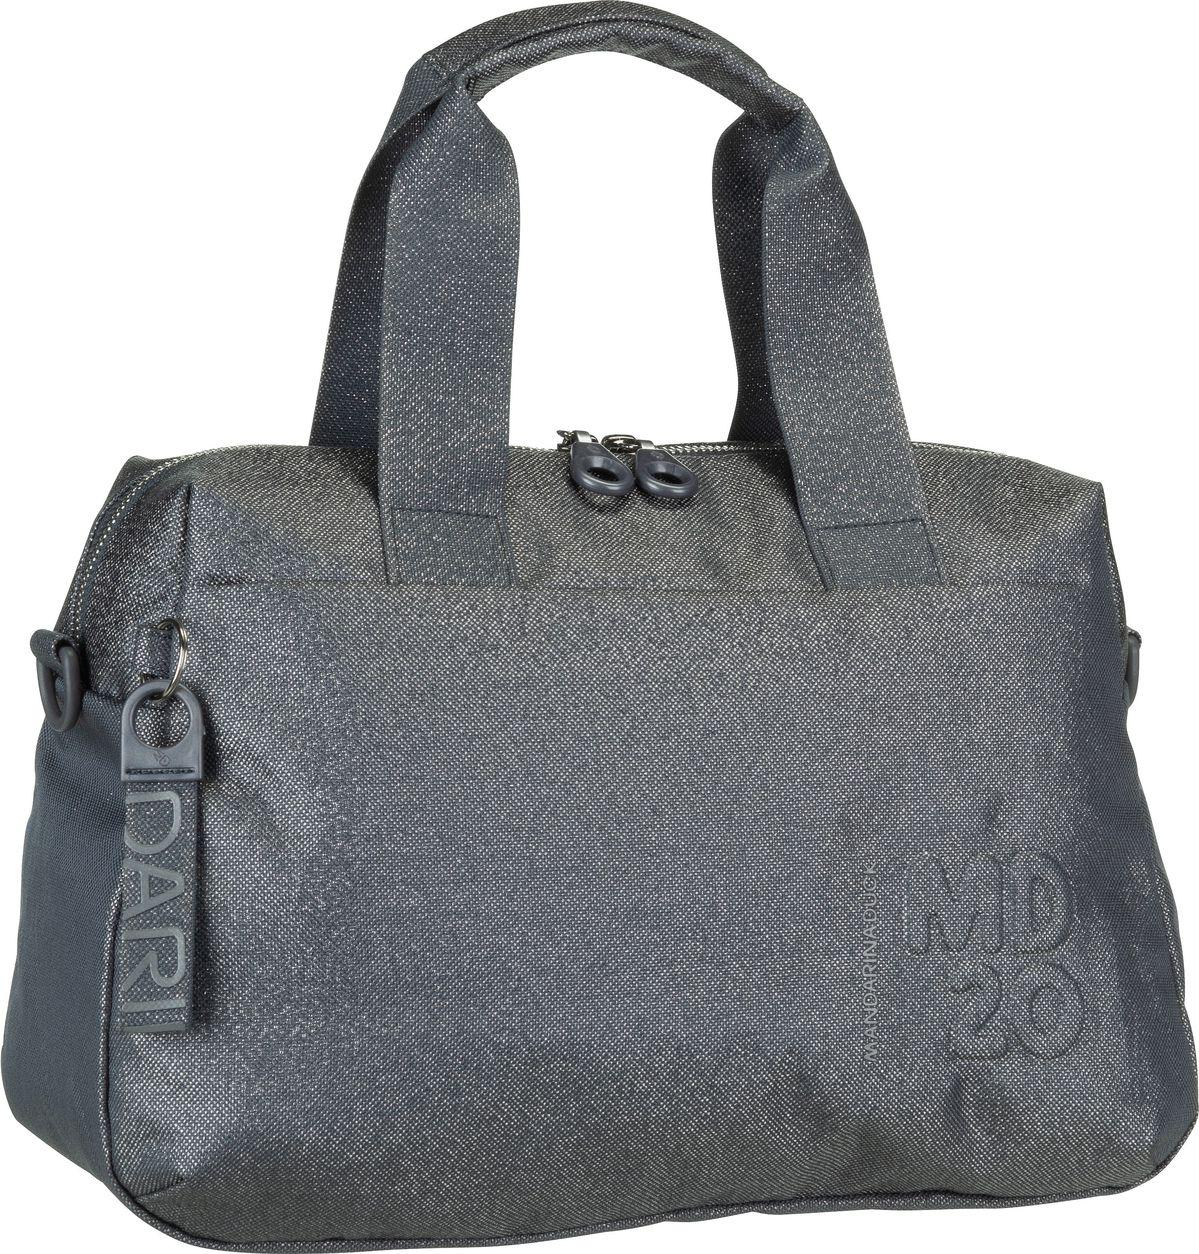 Handtasche MD20 Lux Bauletto QNT13 Lead